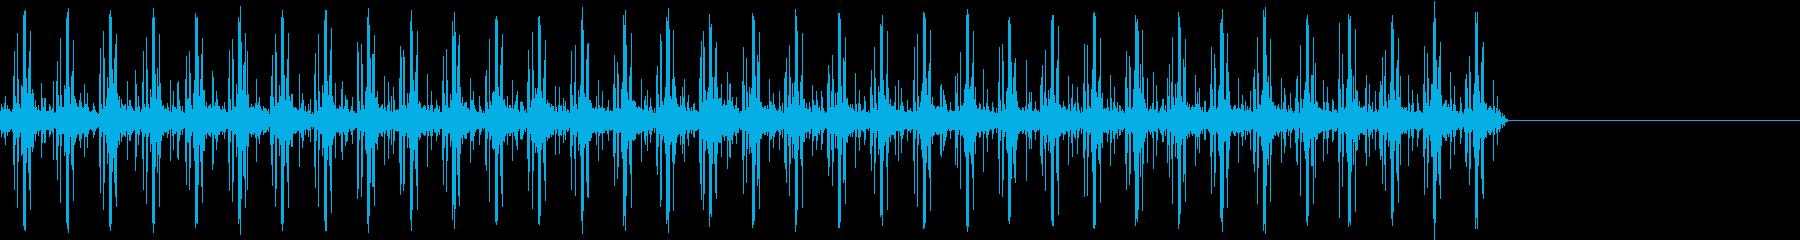 蒸気機関-ポンプ-高速の再生済みの波形